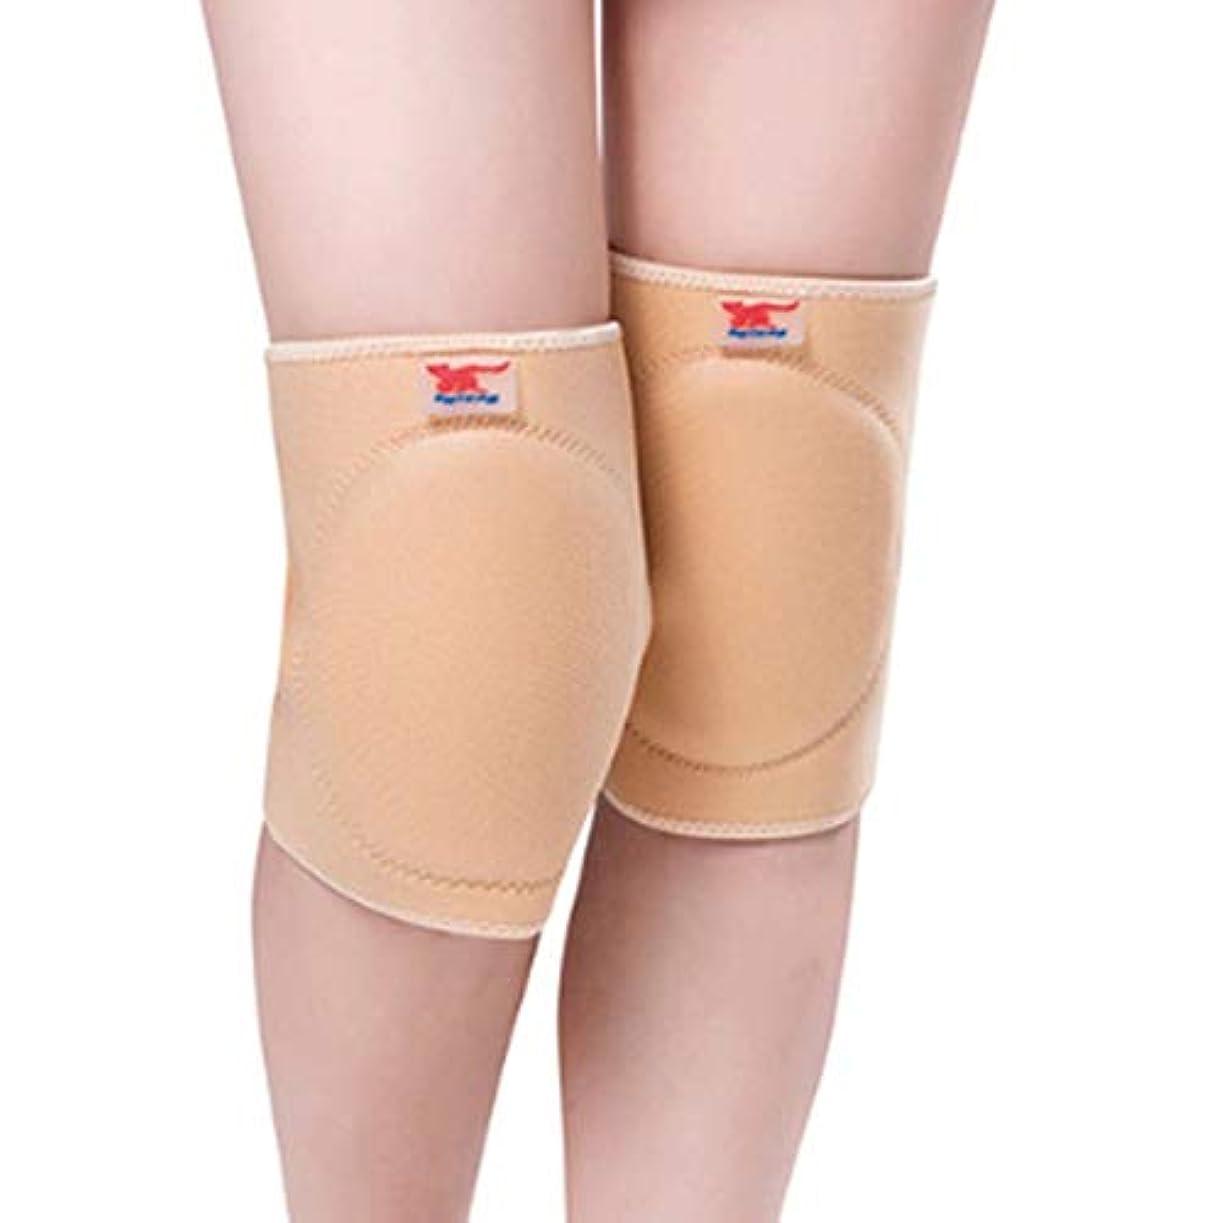 ホスト定規罰反膝パッドウール防止関節炎保温暖かい膝サポート通気性肥厚膝パッド安全膝ブレース